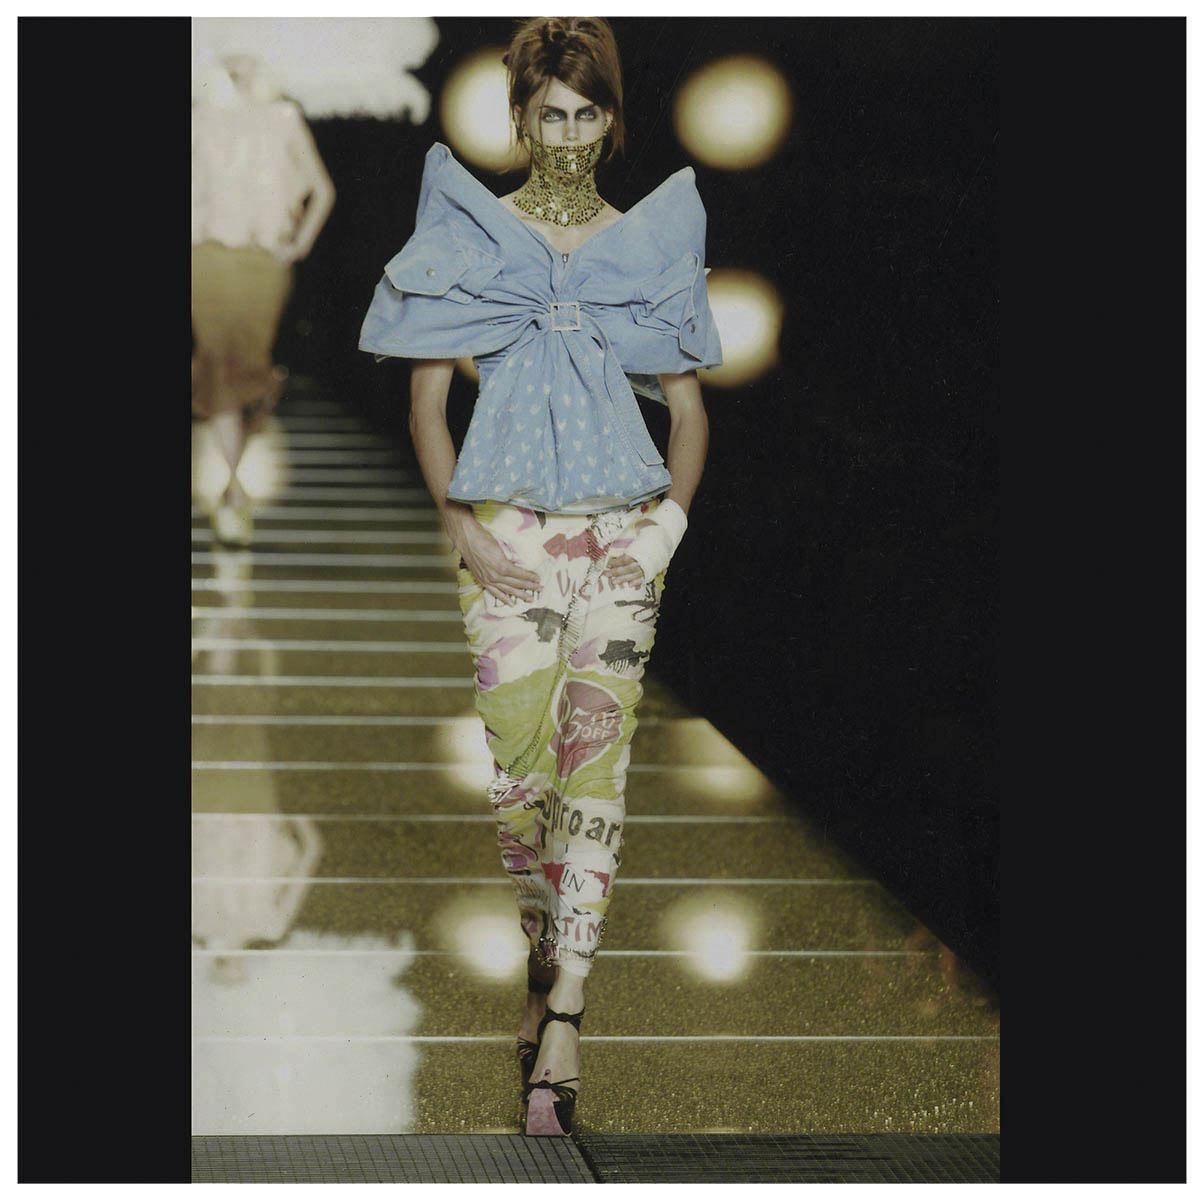 Christian Dior Haute-Couture Défilé 2001 Styliste J. Galliano Aérographe sur tissu à plat